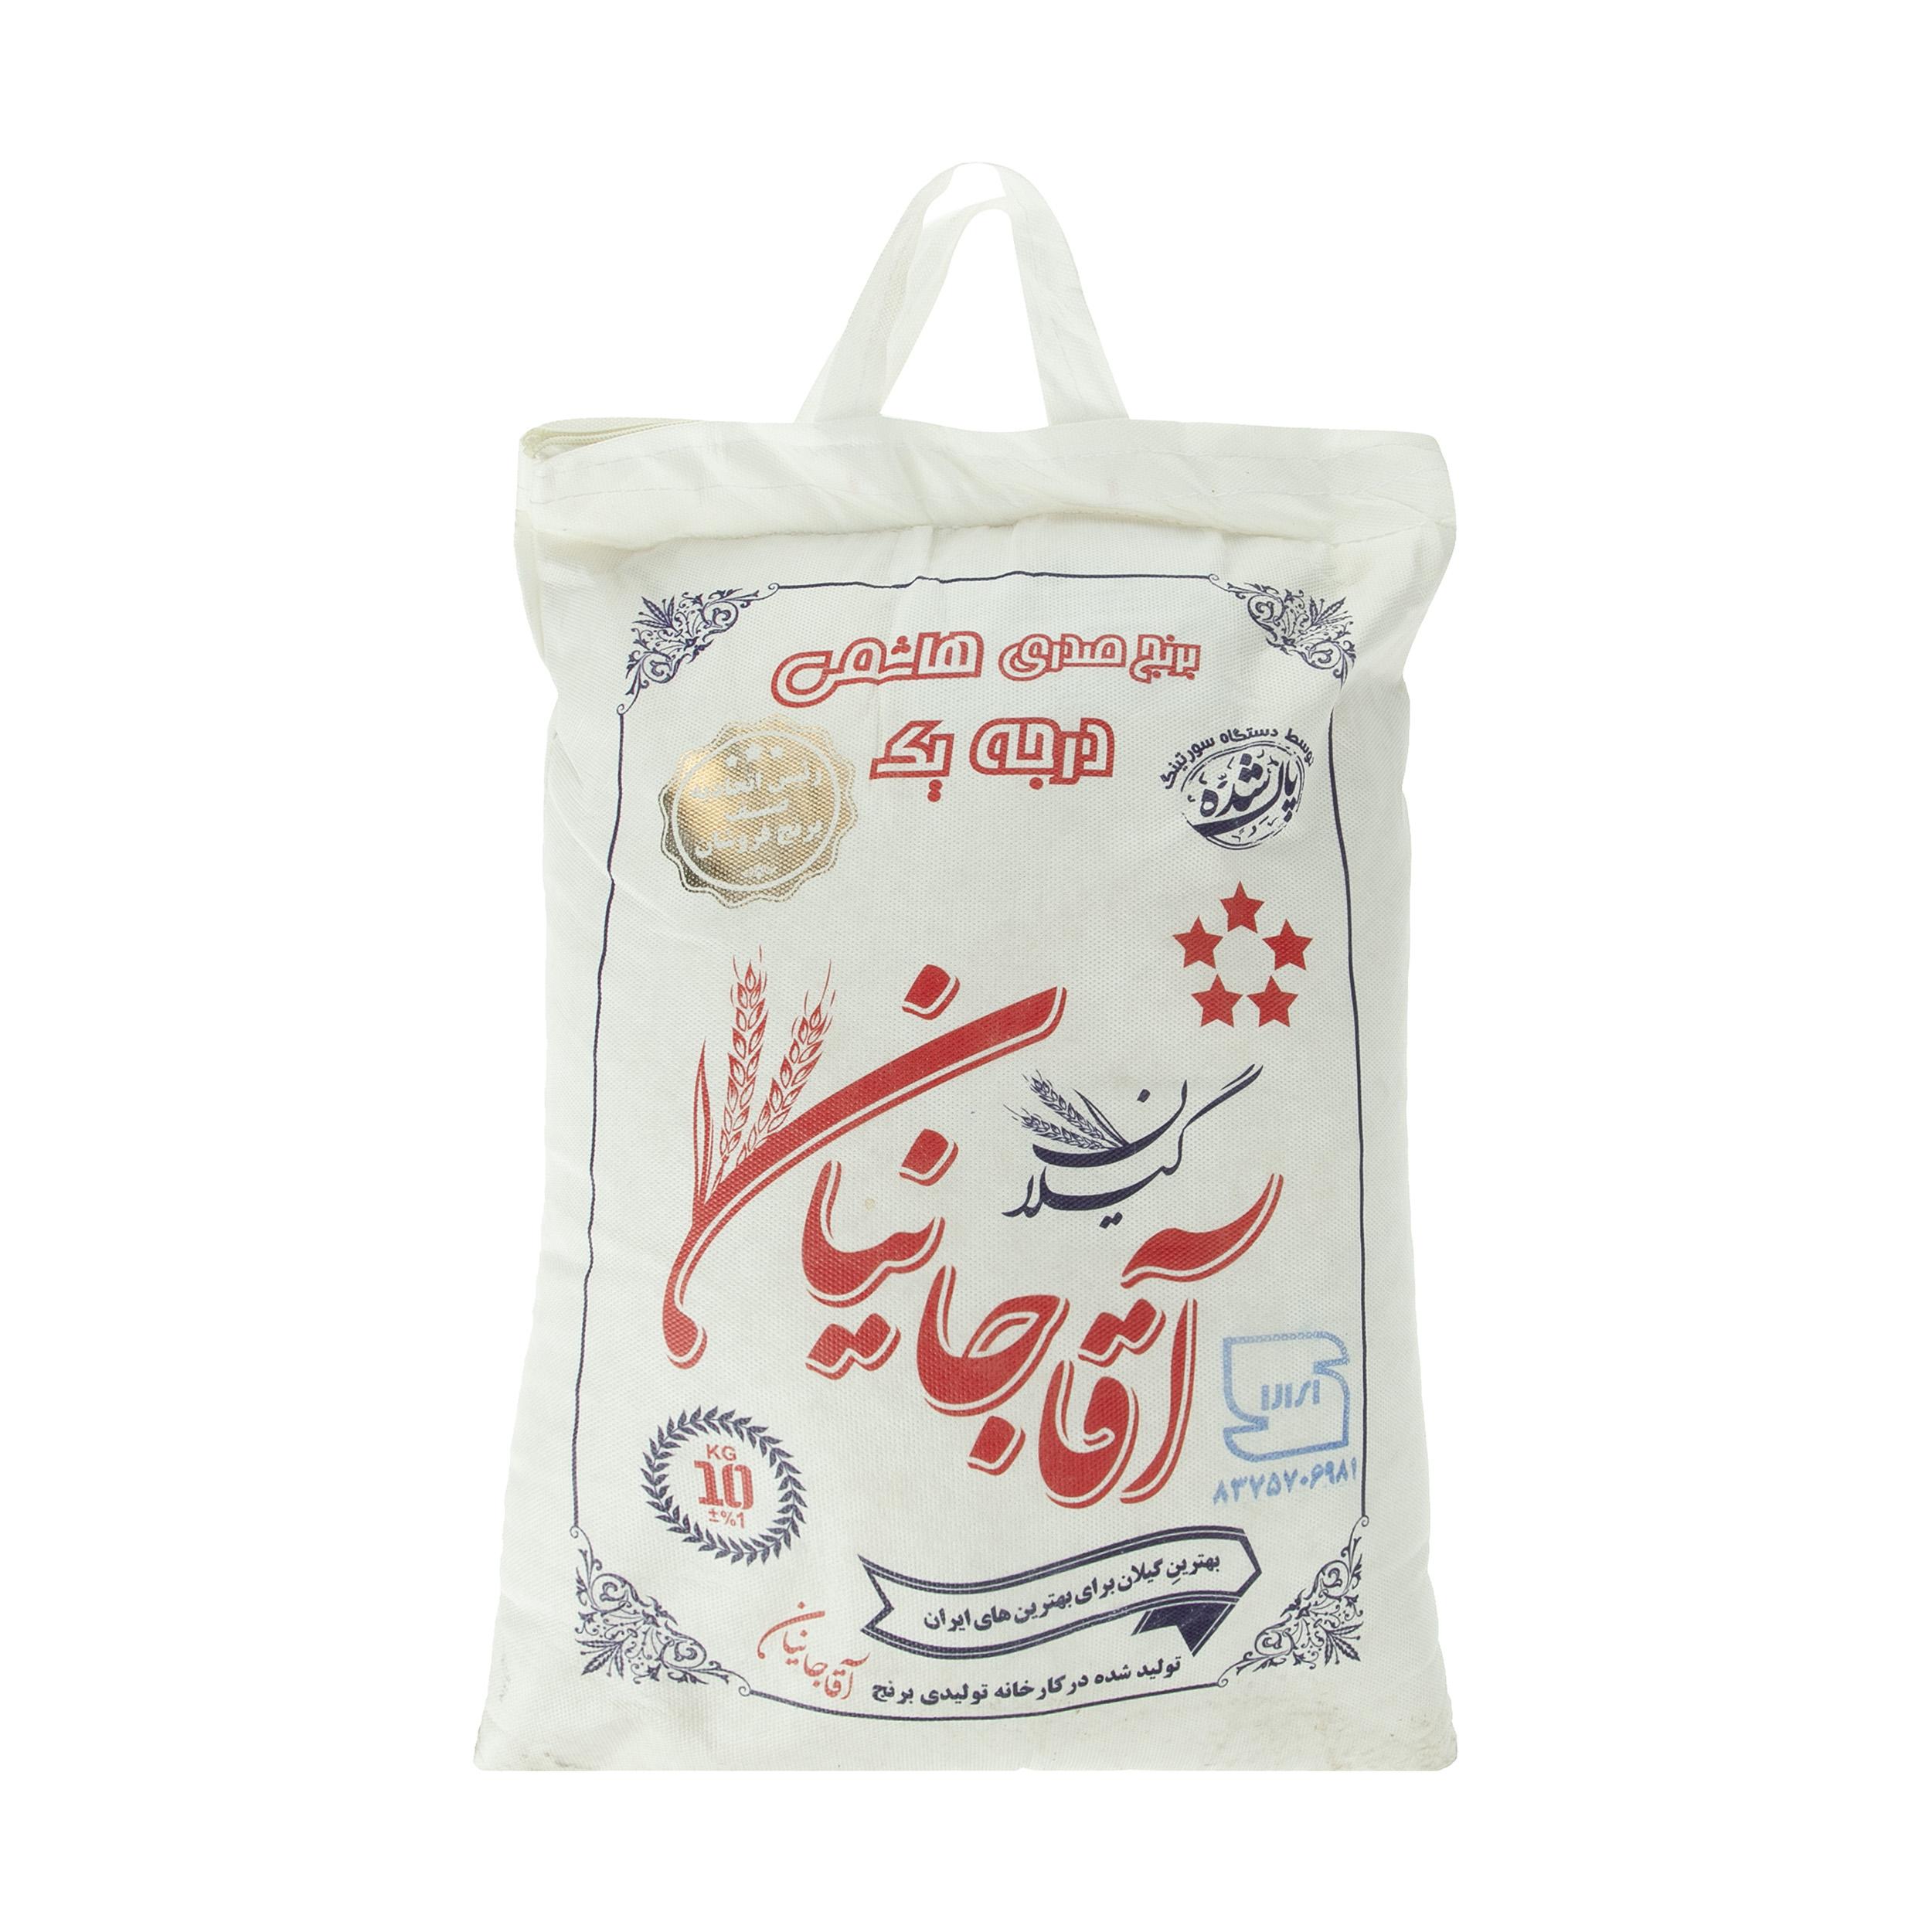 برنج صدری هاشمی آقاجانیان وزن 10 کیلوگرم